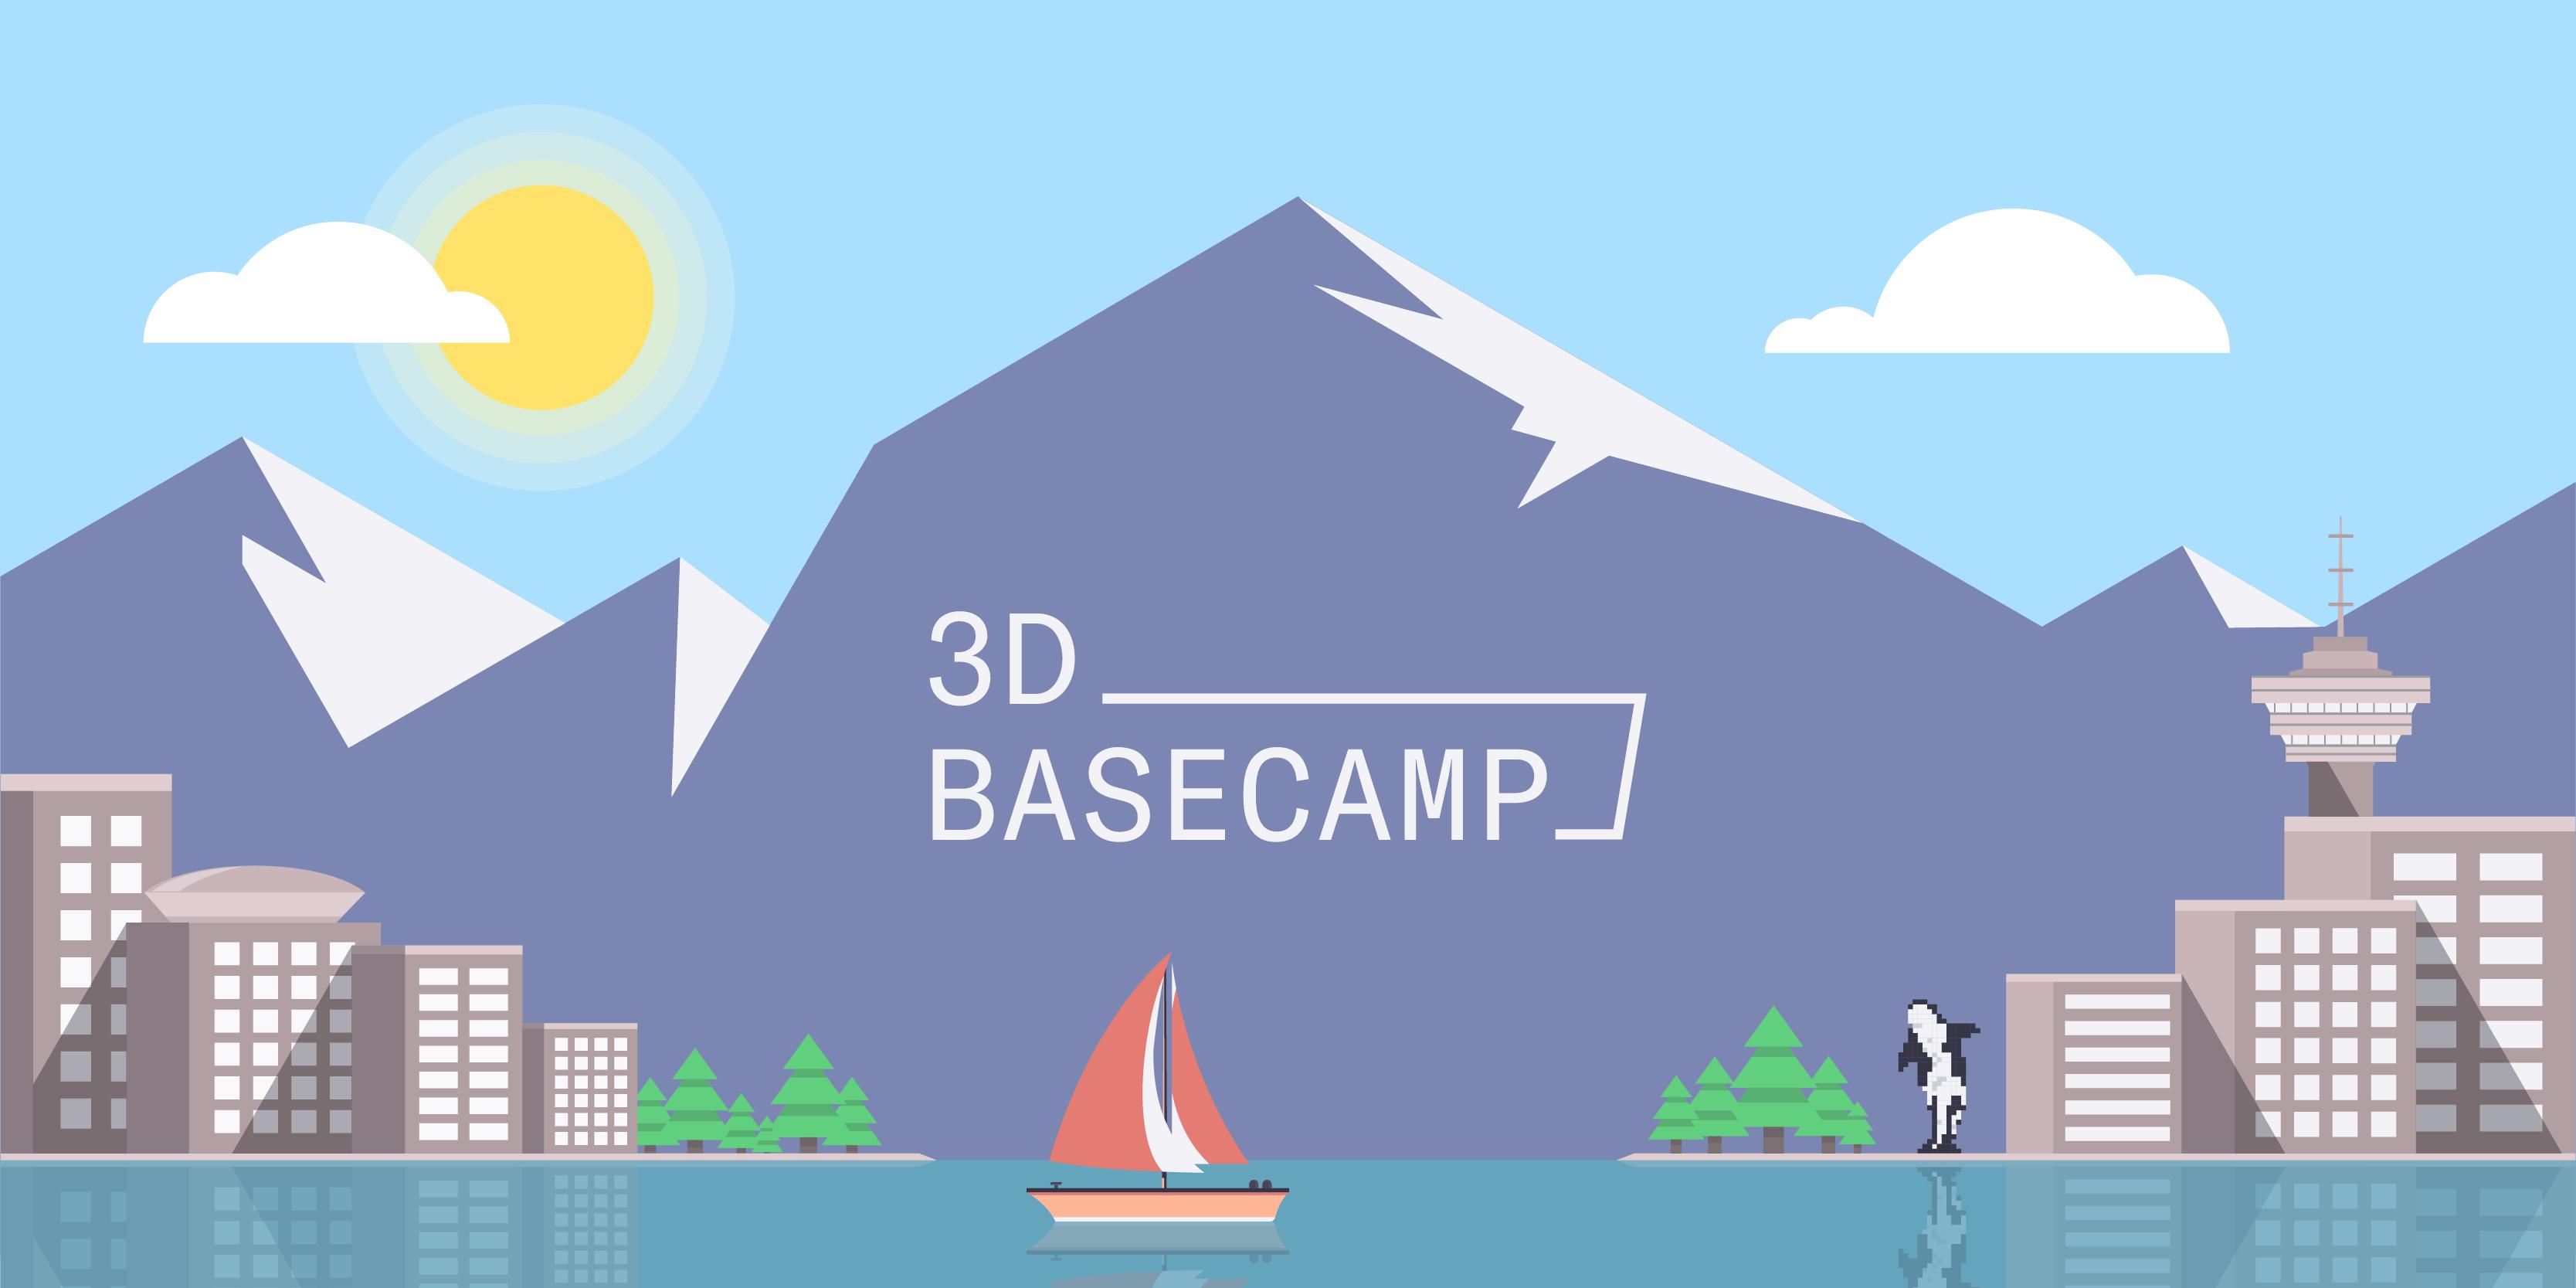 Free 3D Modeling Software | 3D Design Online | SketchUp Free Subscription